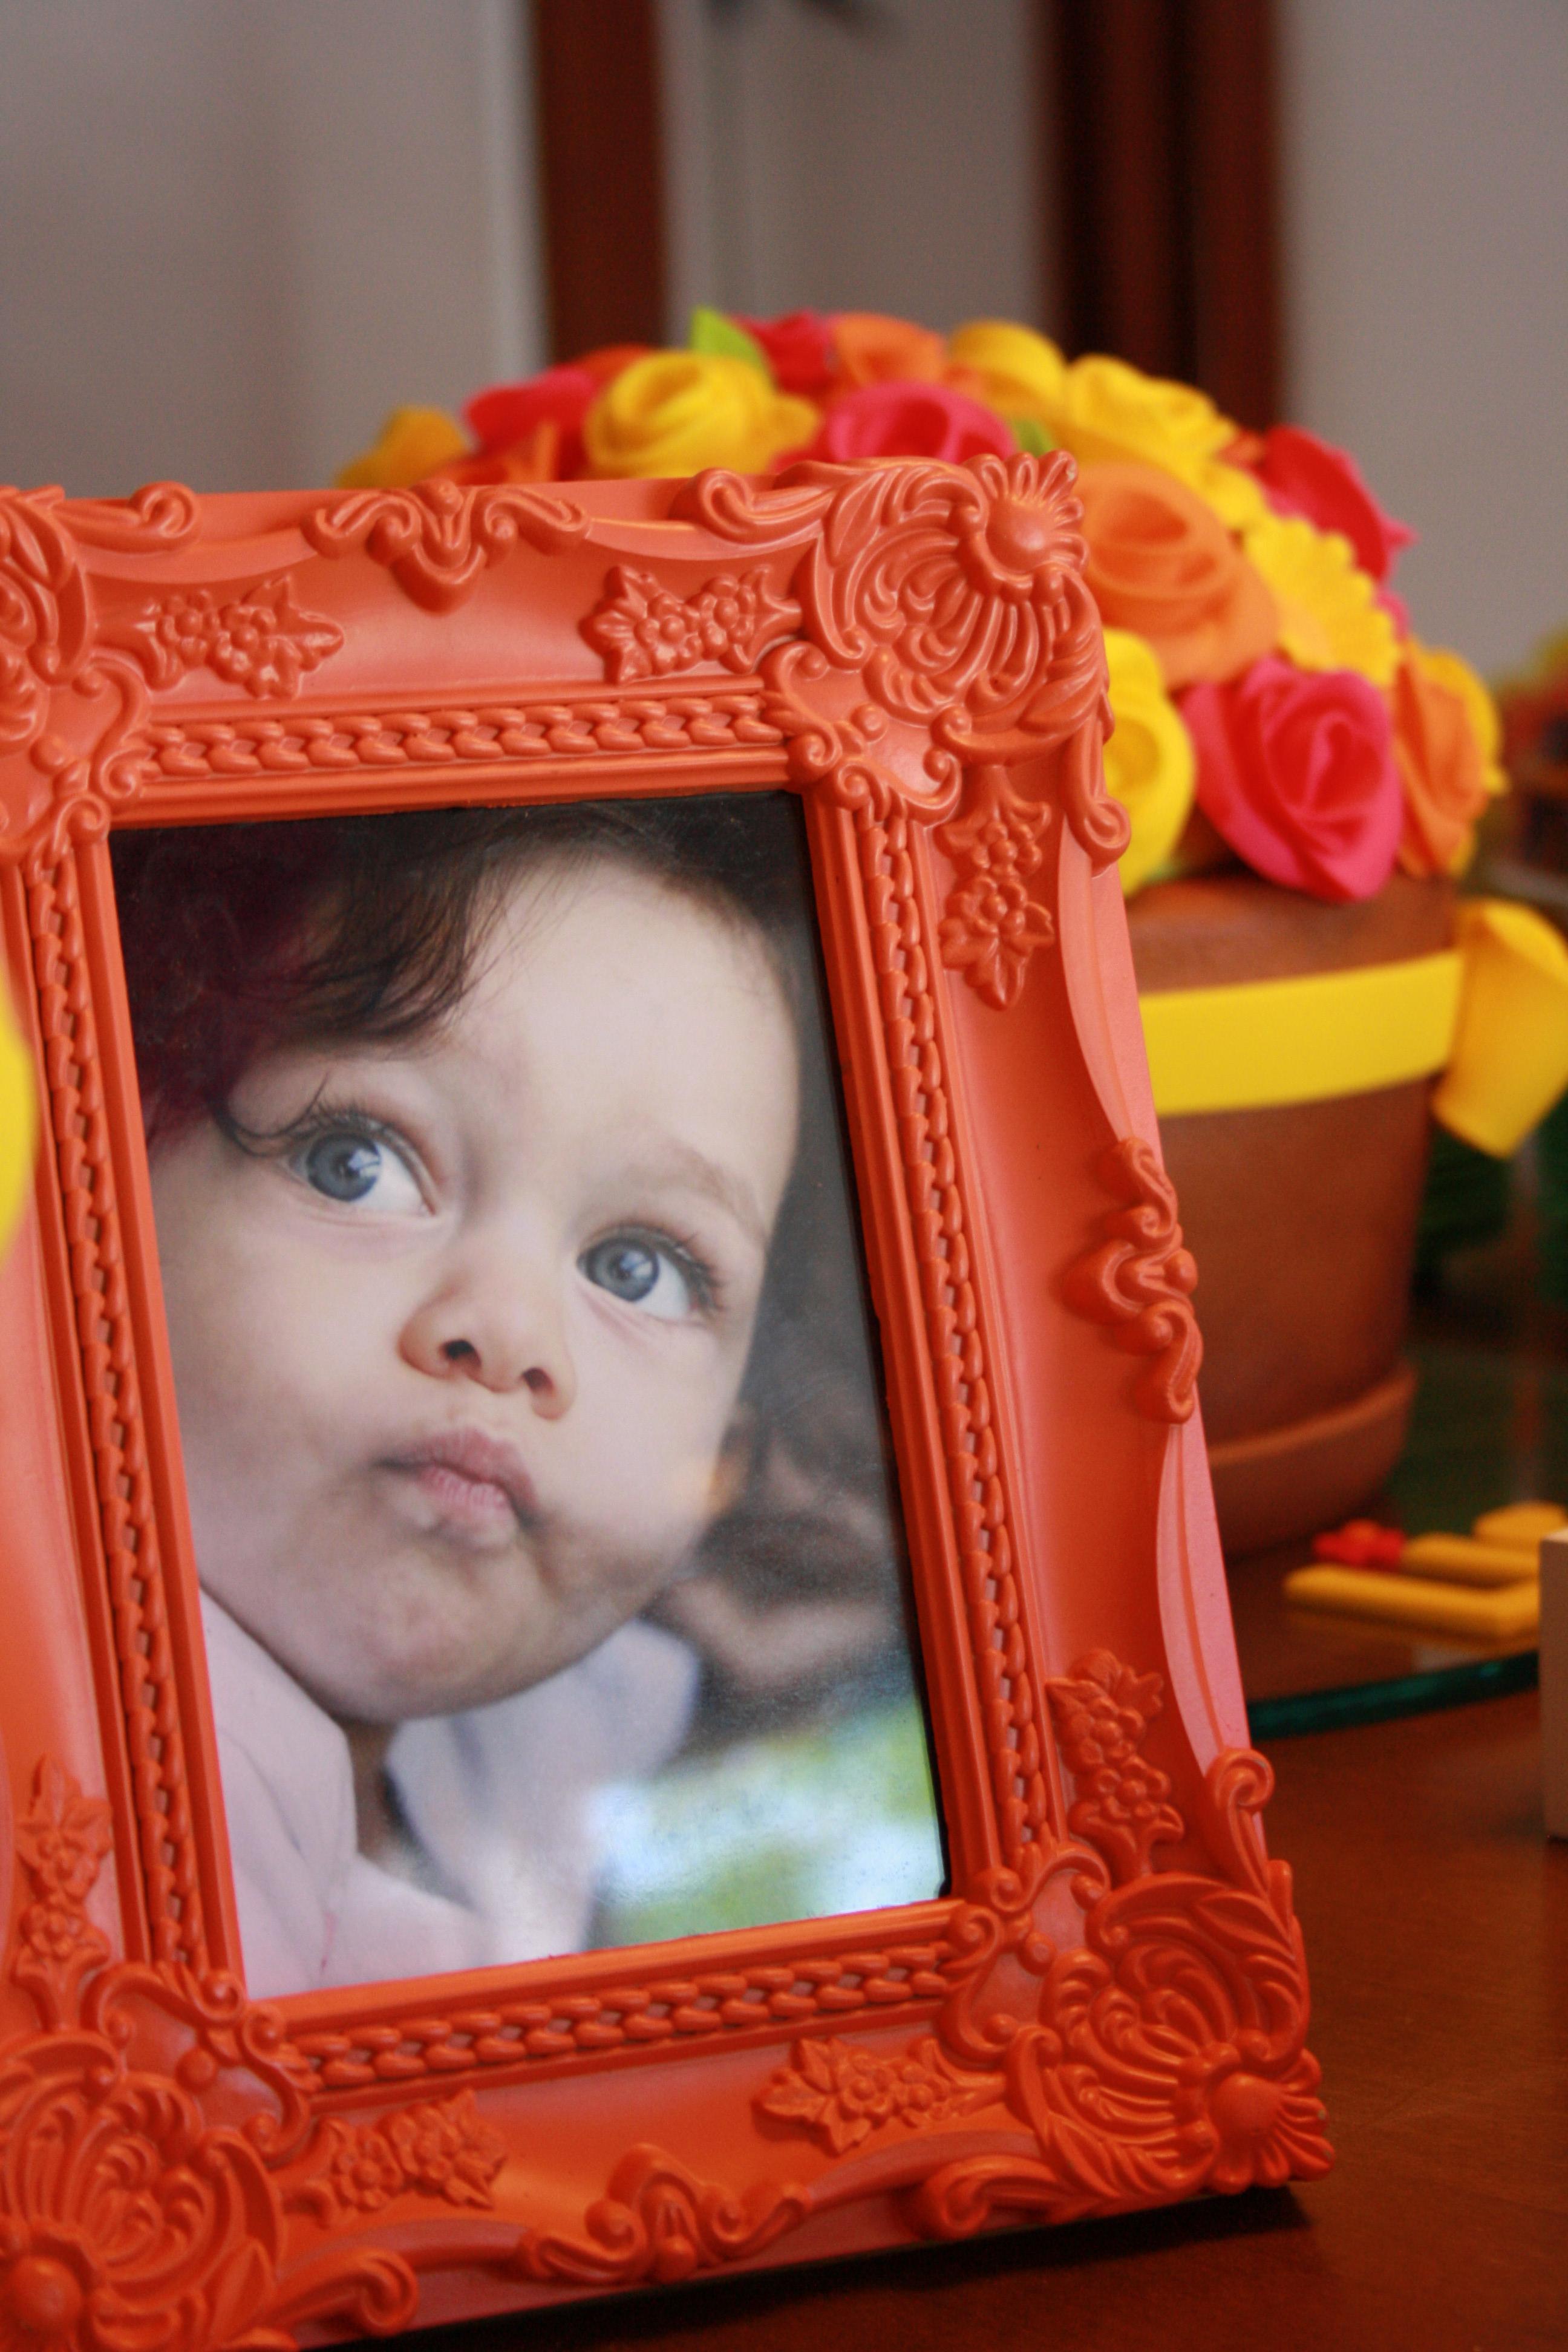 festa jardim da clarilu : festa jardim da clarilu:fotos de festas infantis ela e muito talentosa adooooraaa crianca e as